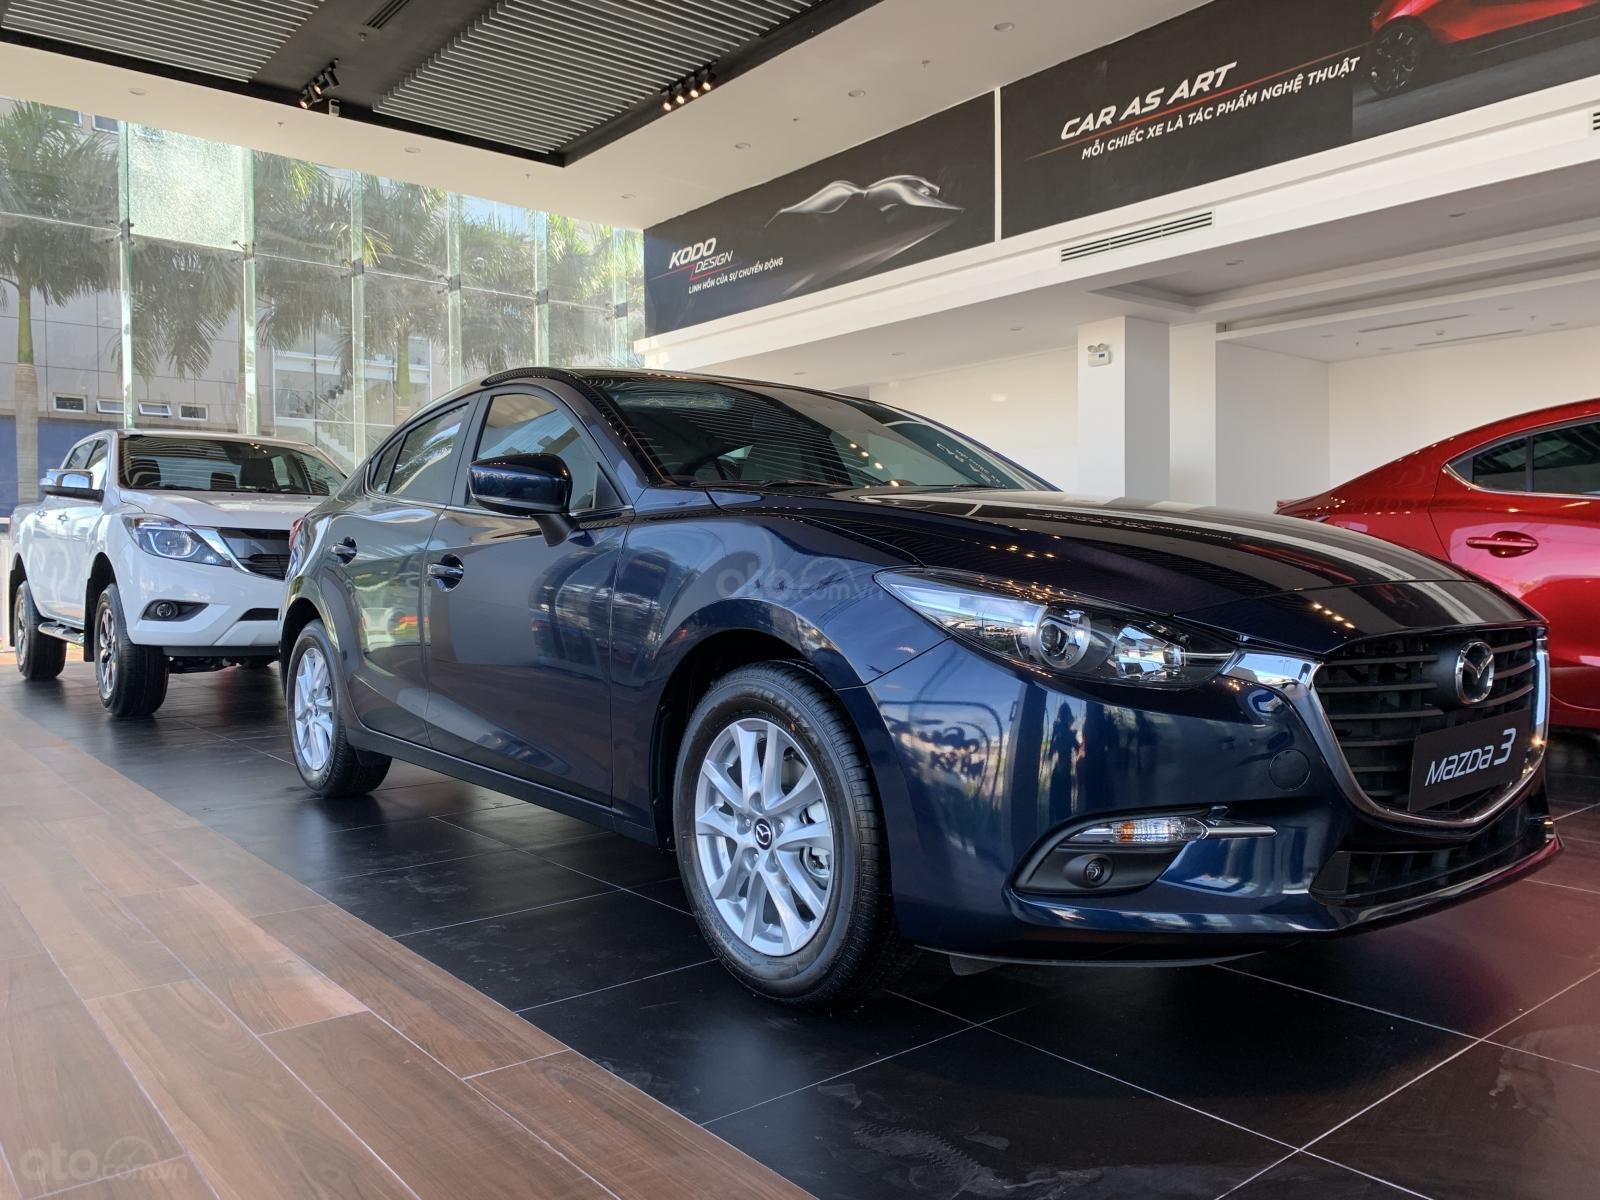 Bán Mazda 3 giá từ 649 triệu, đủ màu, giao xe ngay, liên hệ ngay với chúng tôi để nhận được ưu đãi tốt nhất (2)